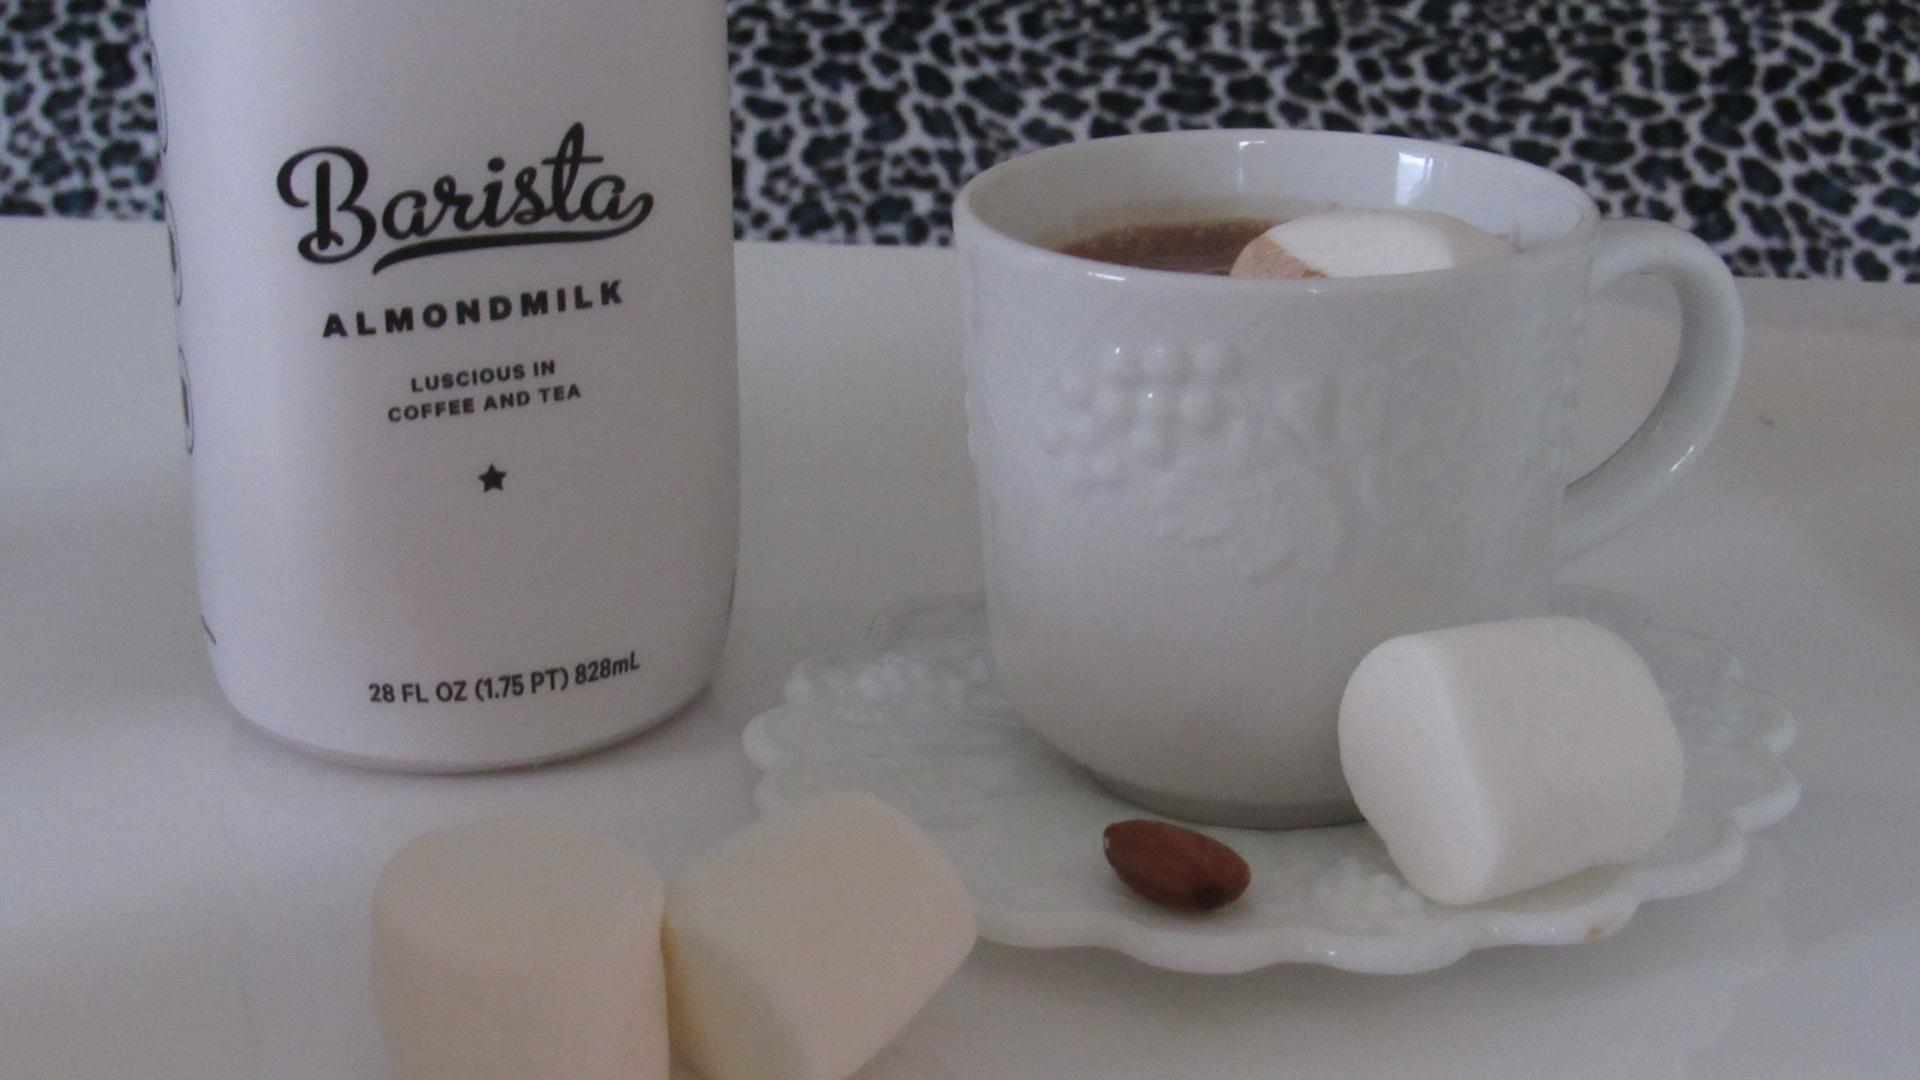 New Barn Organic Unsweetened Almondmilk & Barista Almondmilk #ad #momsmeet #thenewbarn #almondmilk